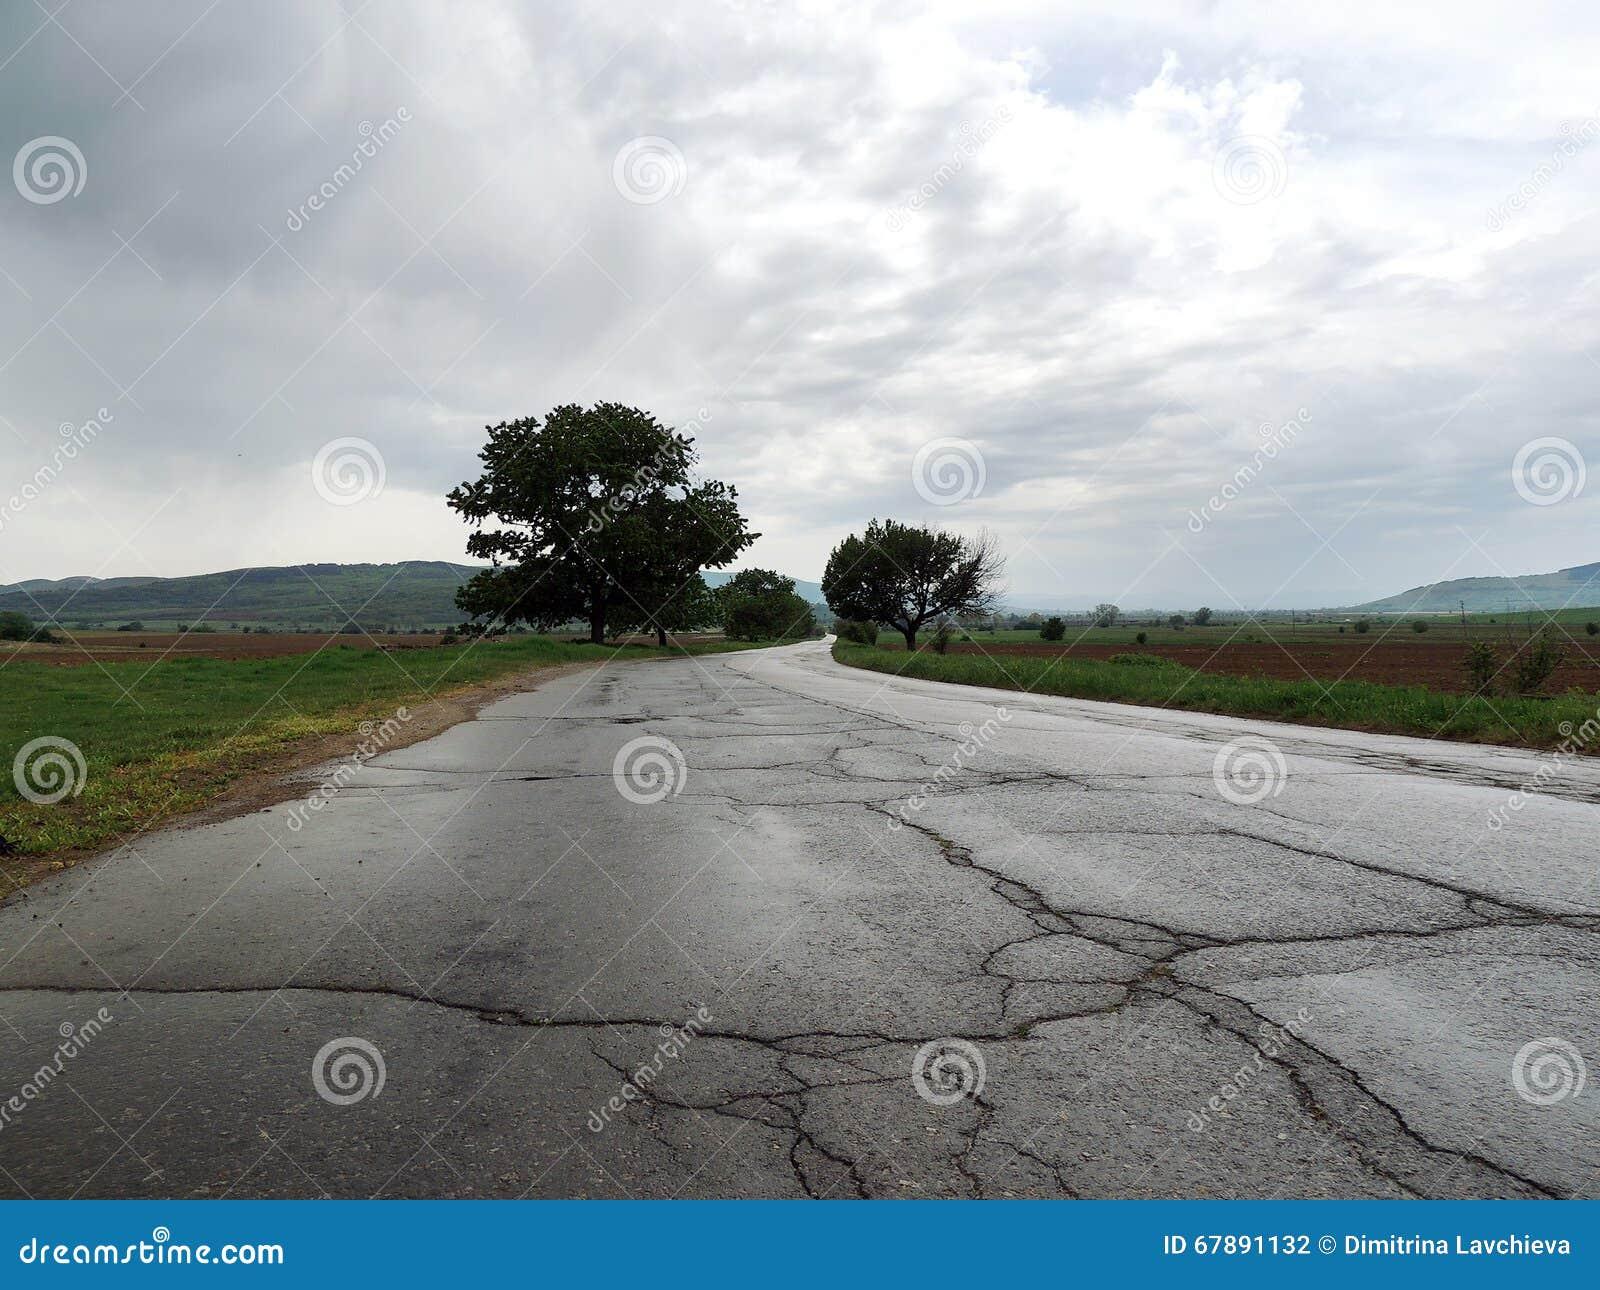 湿空的路在阴沉的天